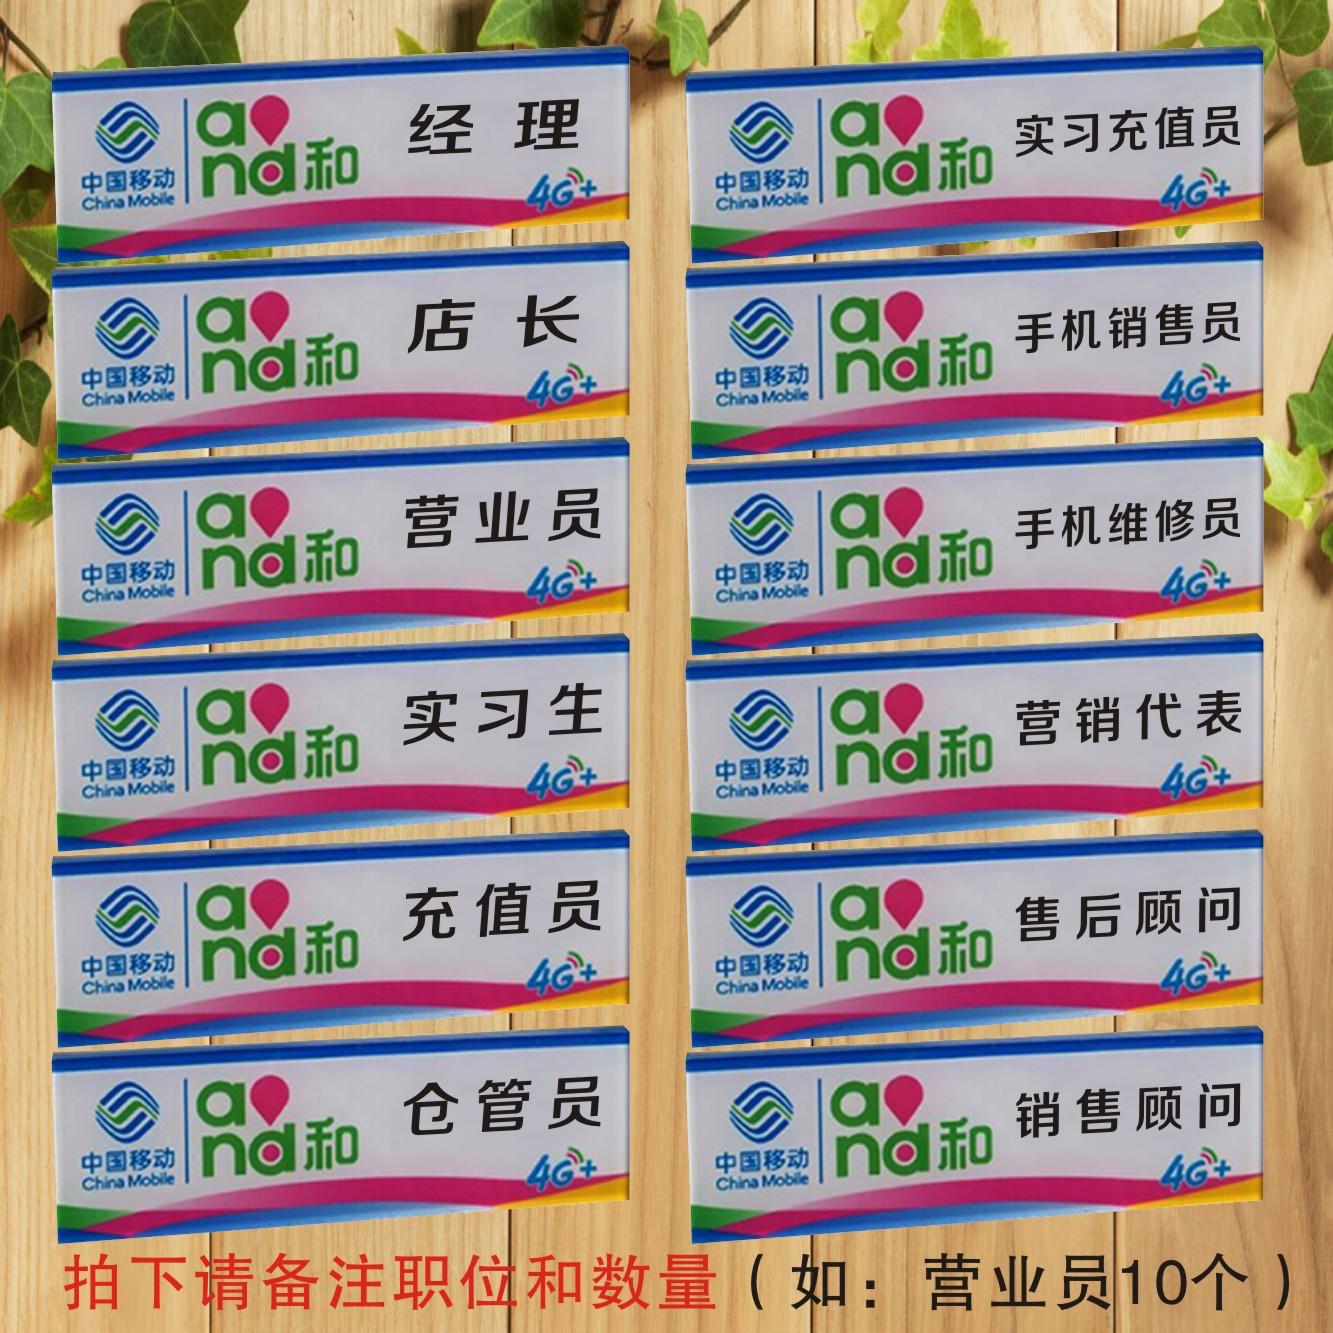 博艺定做中国移动公司亚克力胸牌营业员定制徽章手机销售员 4G+工